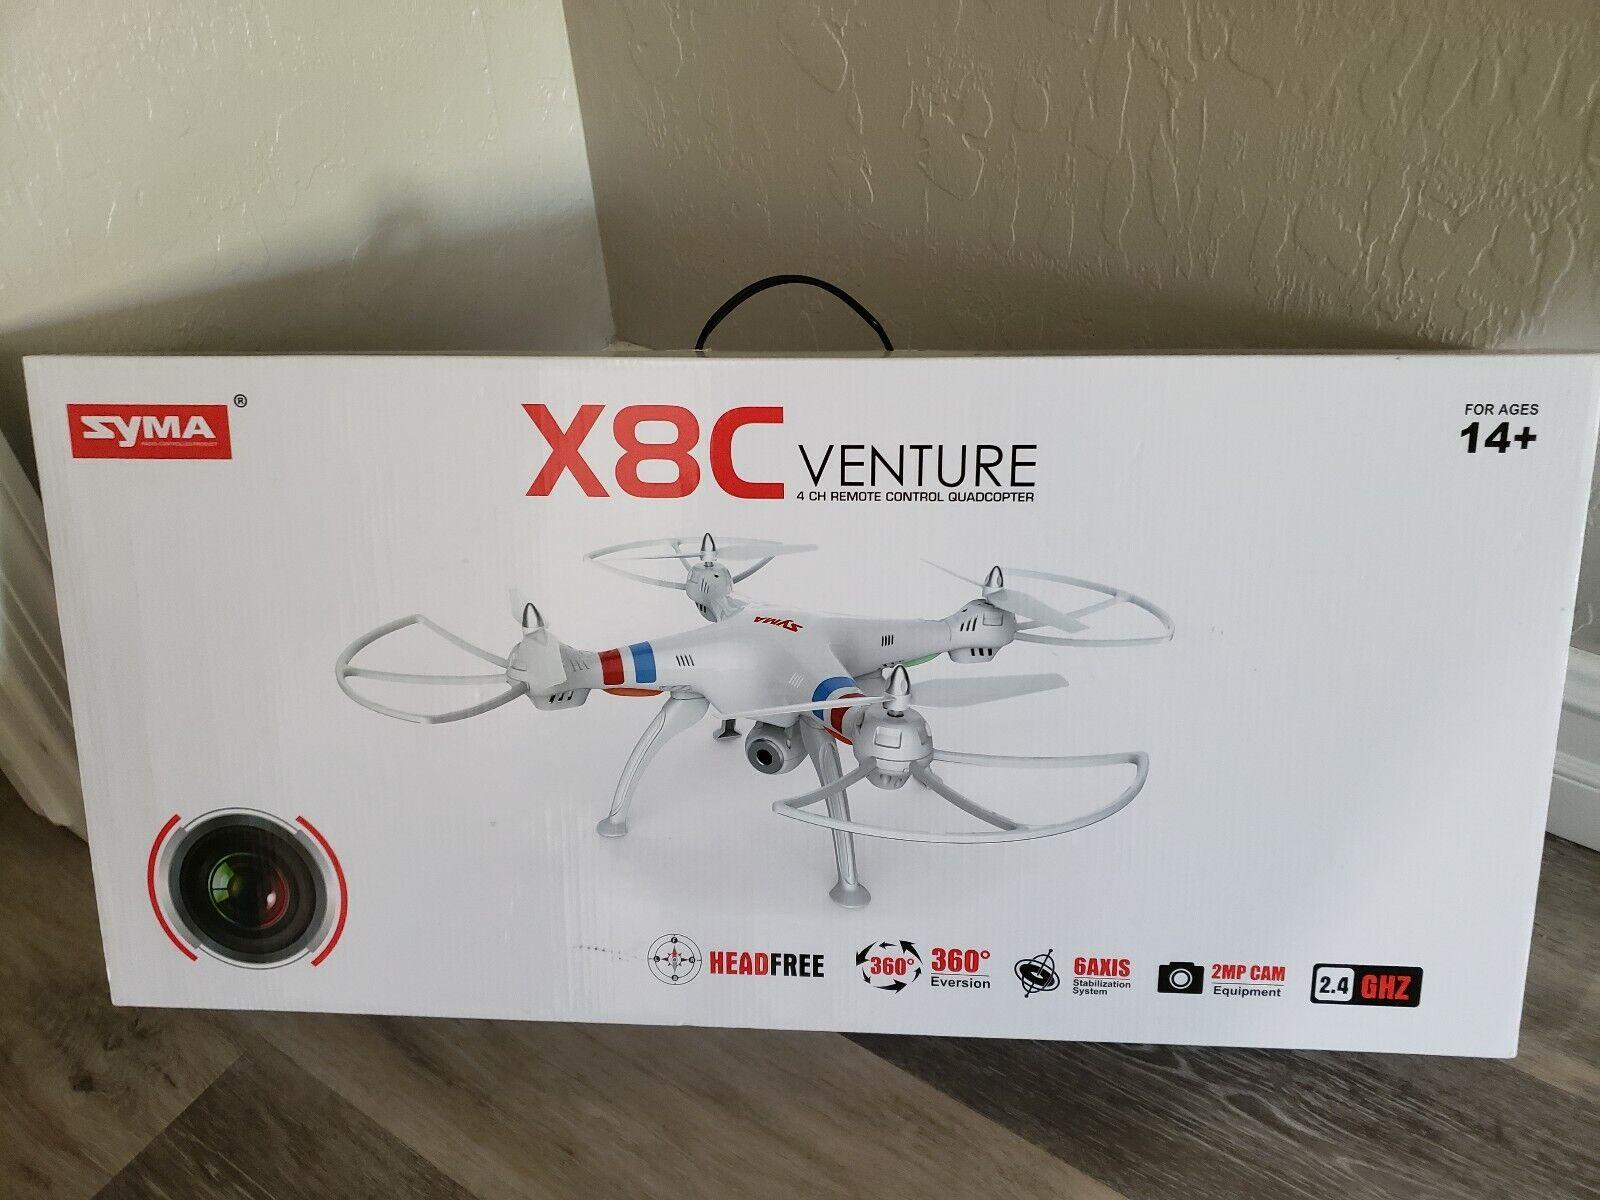 Syma X8c Venture   marche online vendita a basso costo